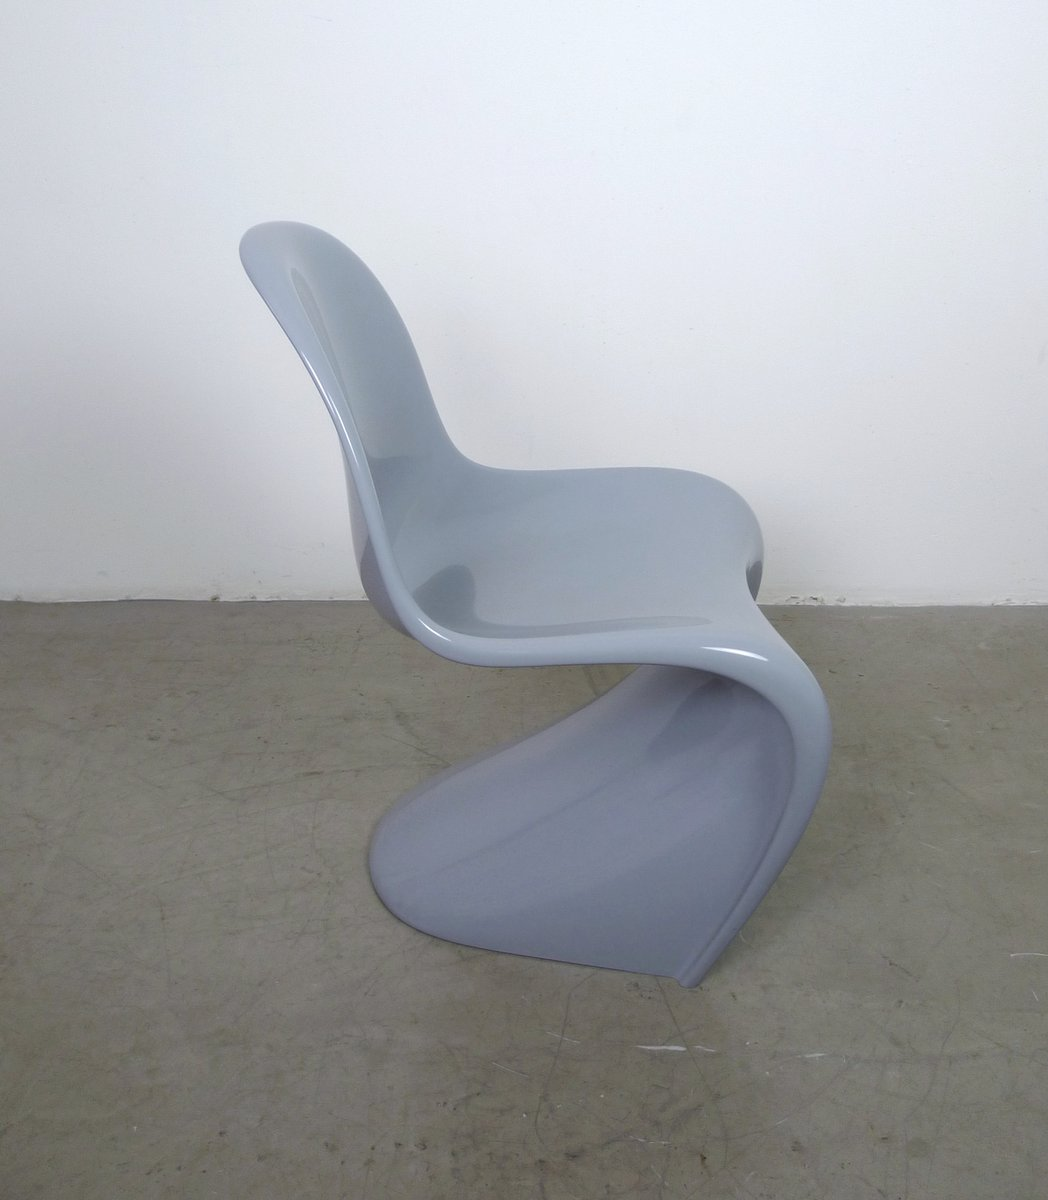 Sedia panton chair classic di verner panton per vitra - Verner panton sedia ...